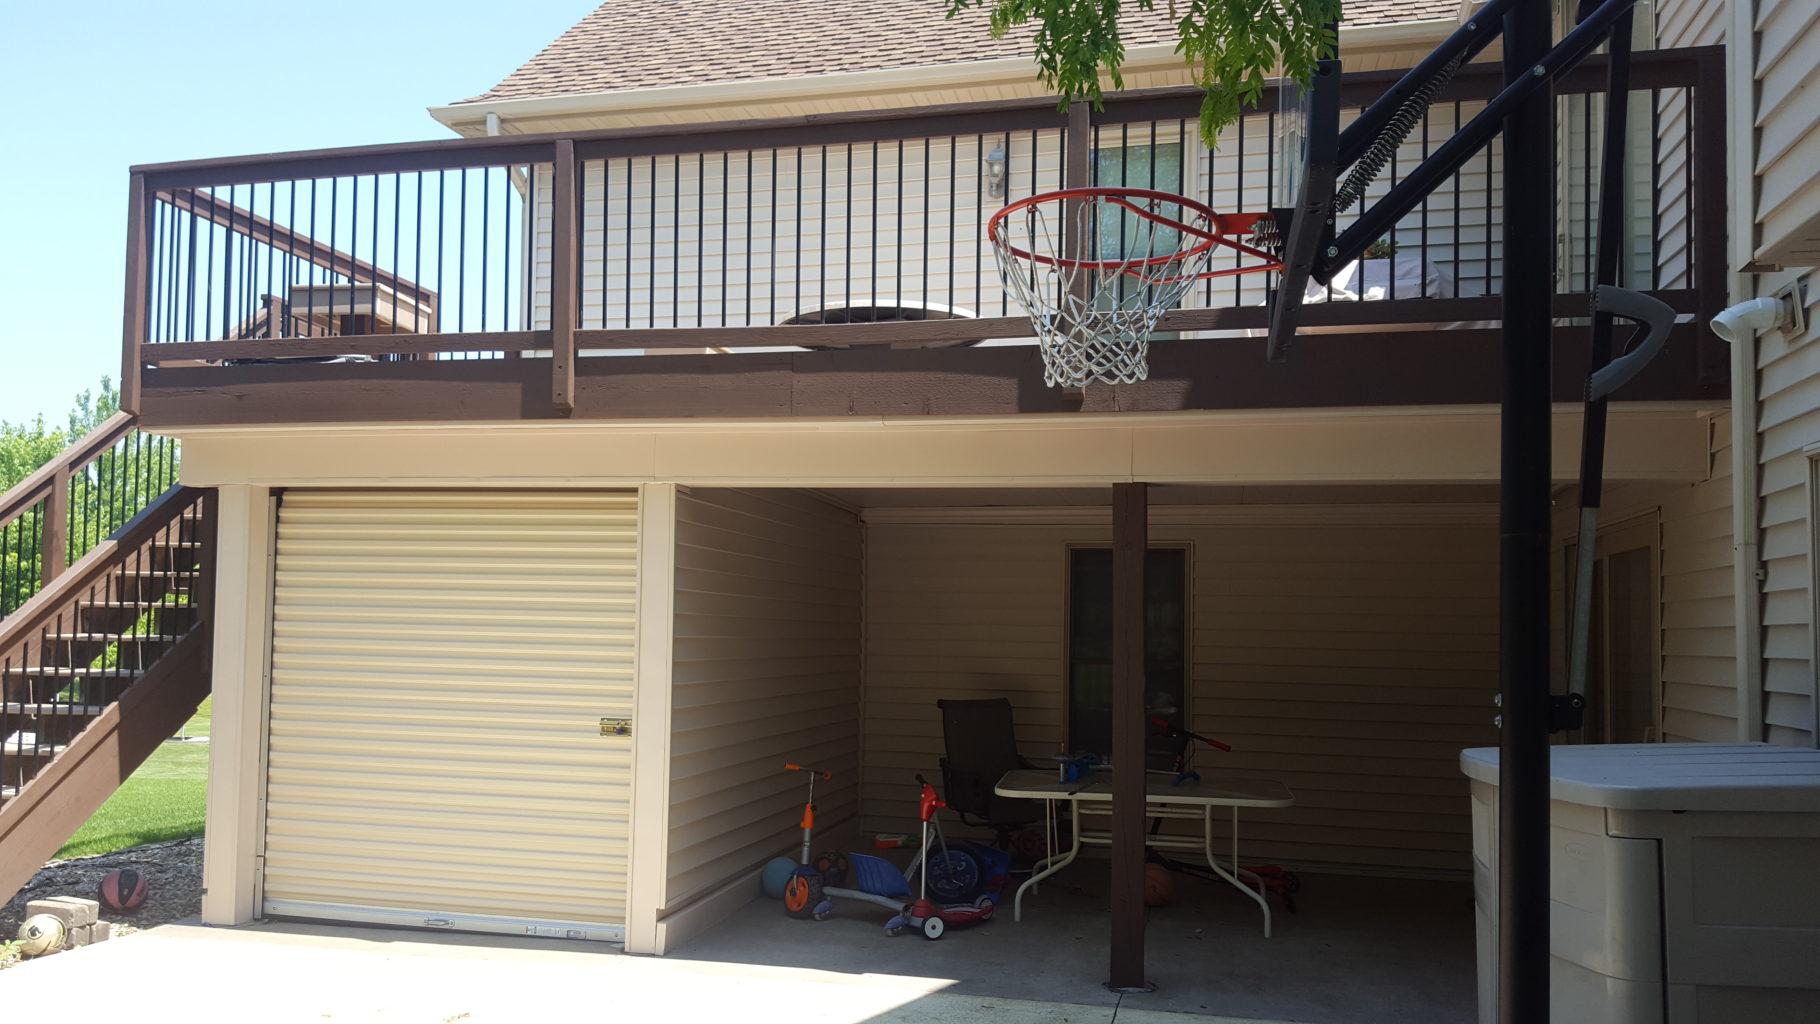 Storage Shed with garage door